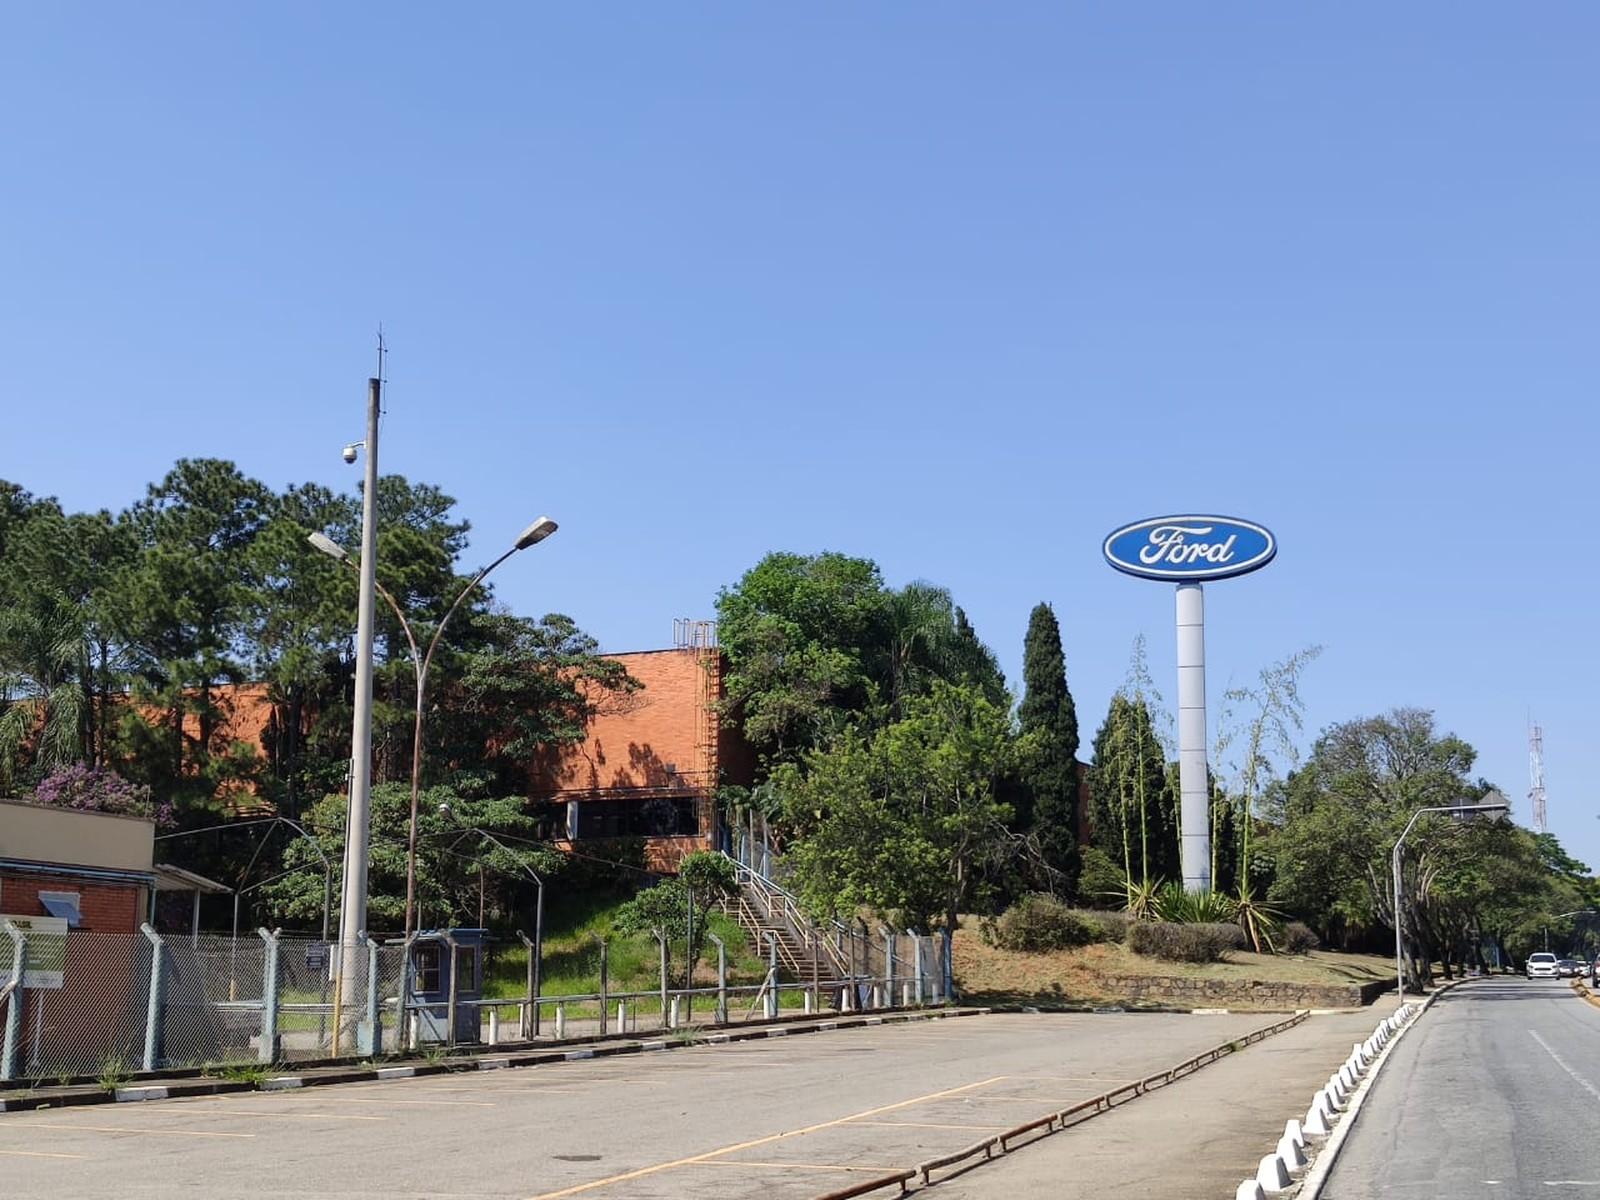 Caoa desistiu de comprar a fábrica da Ford, diz governador de São Paulo